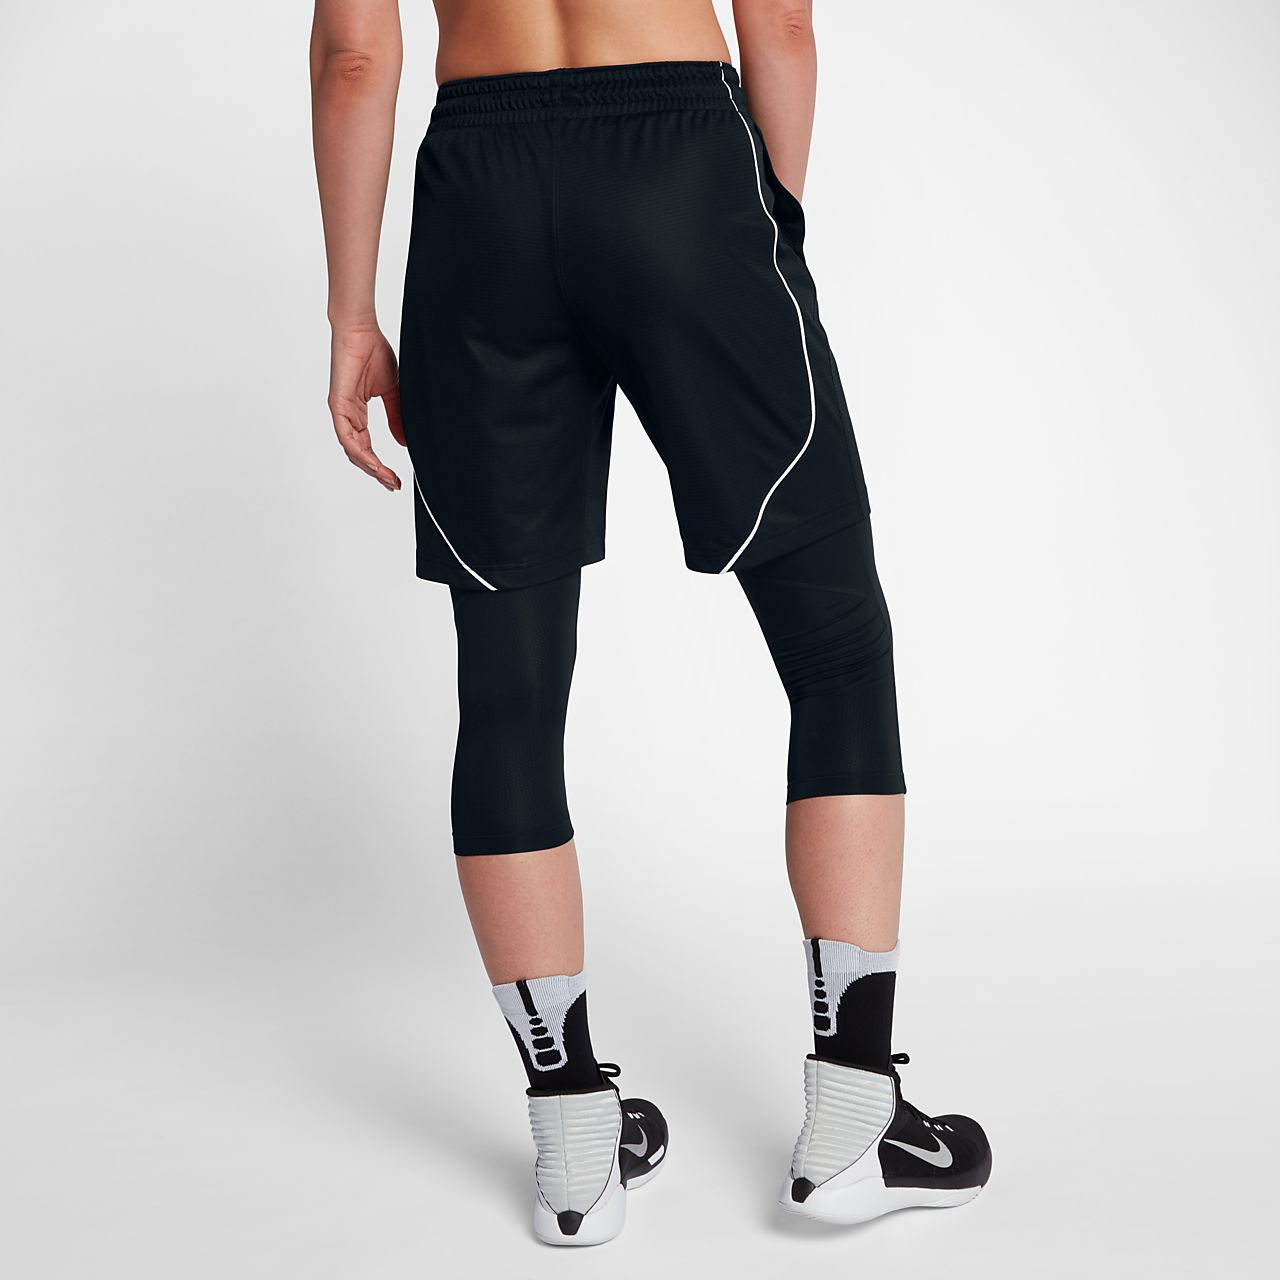 e64079e4b830 Nike Dry Essential Women s 10